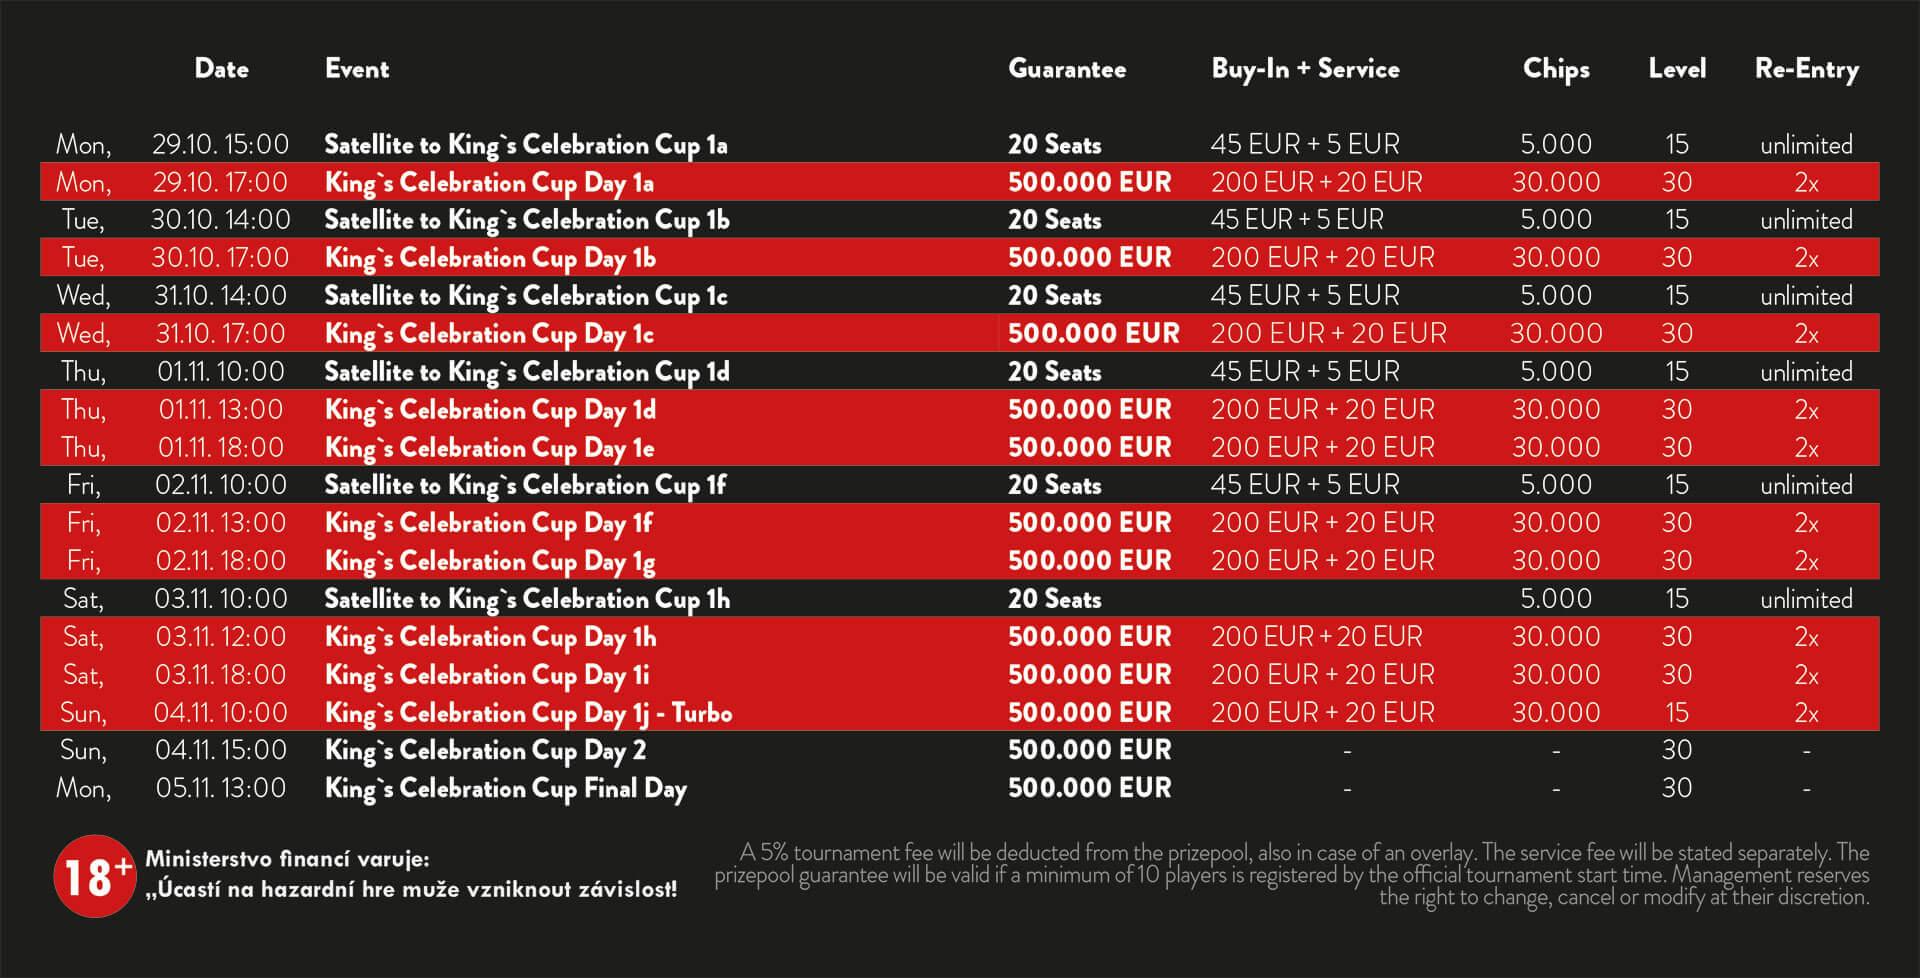 V King's Celebration's Cupu se hraje jen za €220 o nejméne €500,000